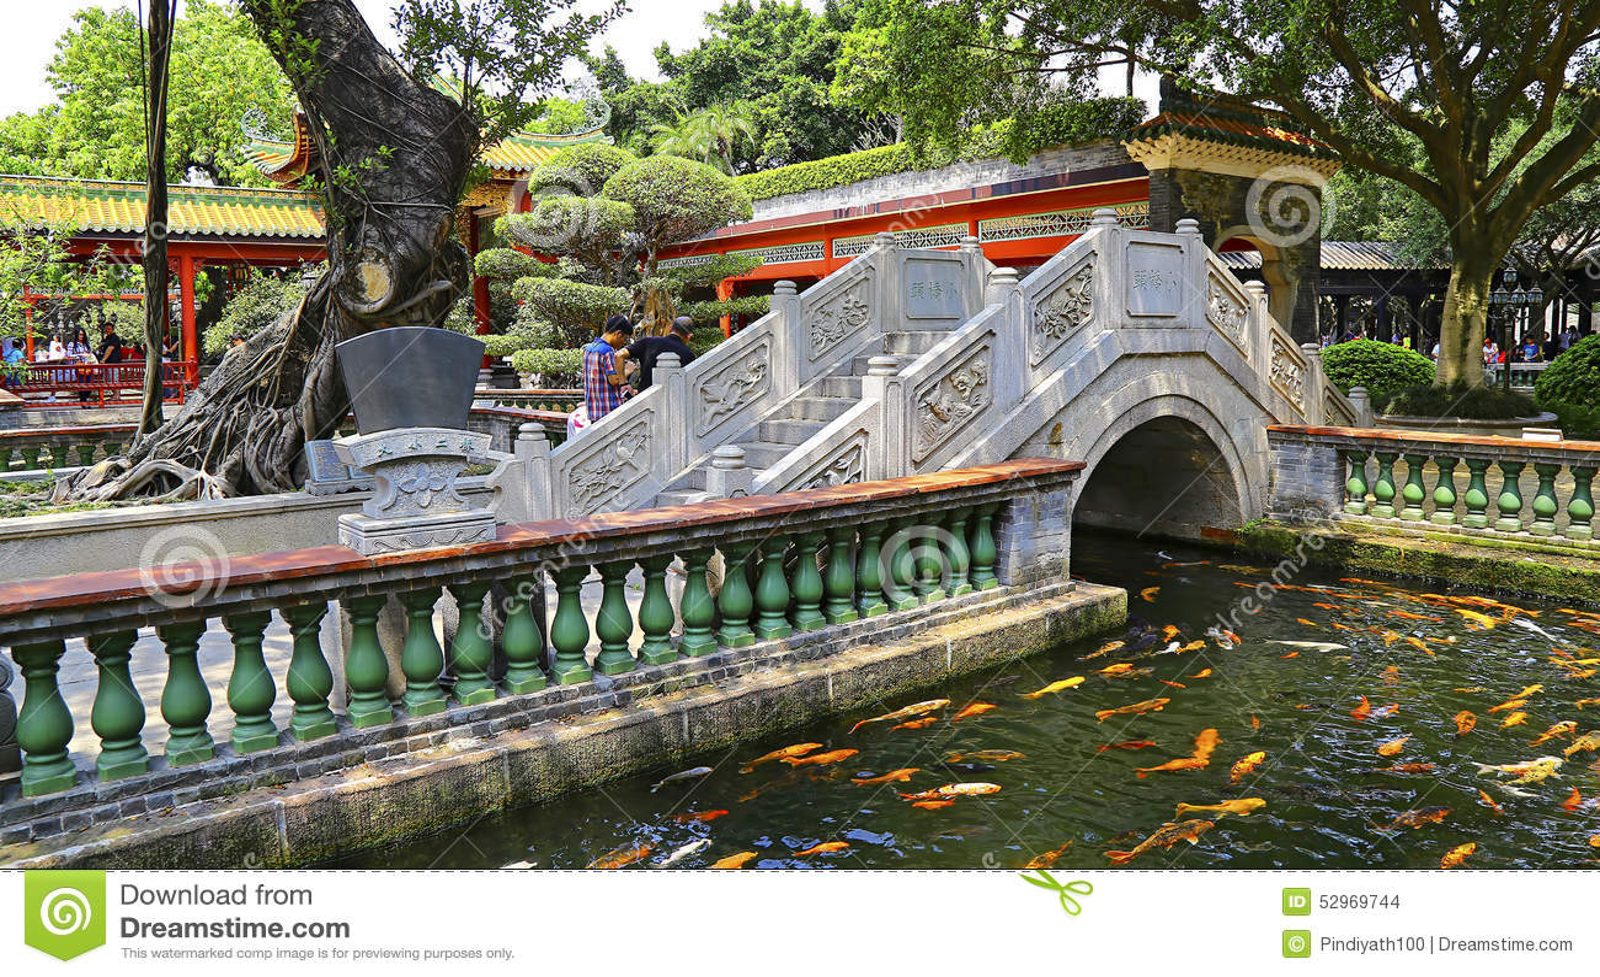 Koi fish pond at baomo garden china editorial stock for Productos para estanques de peces